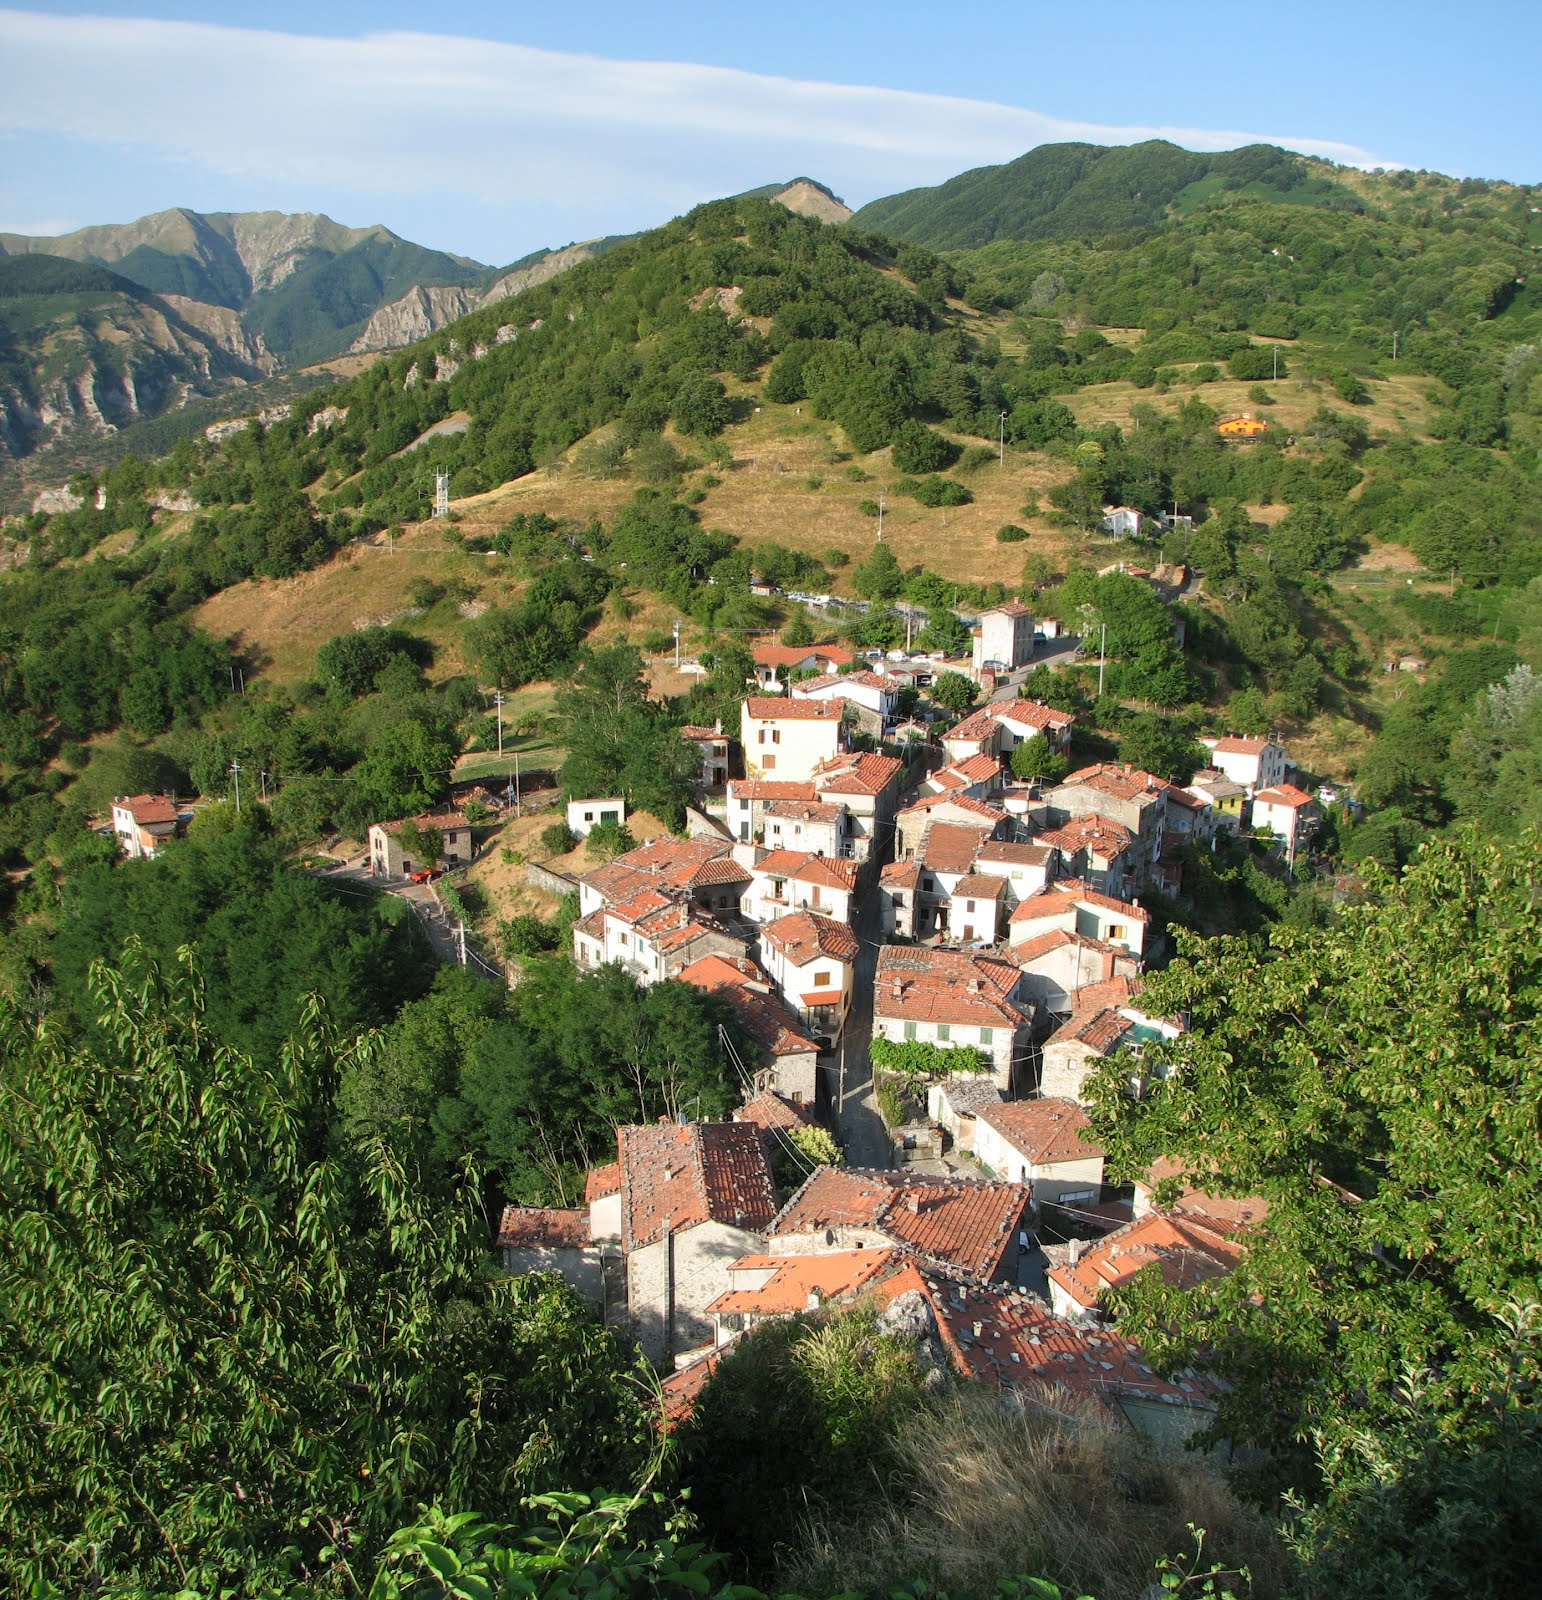 A celebration of dante alighieri in montefegatesi bella bagni di lucca - Bagni di lucca ...